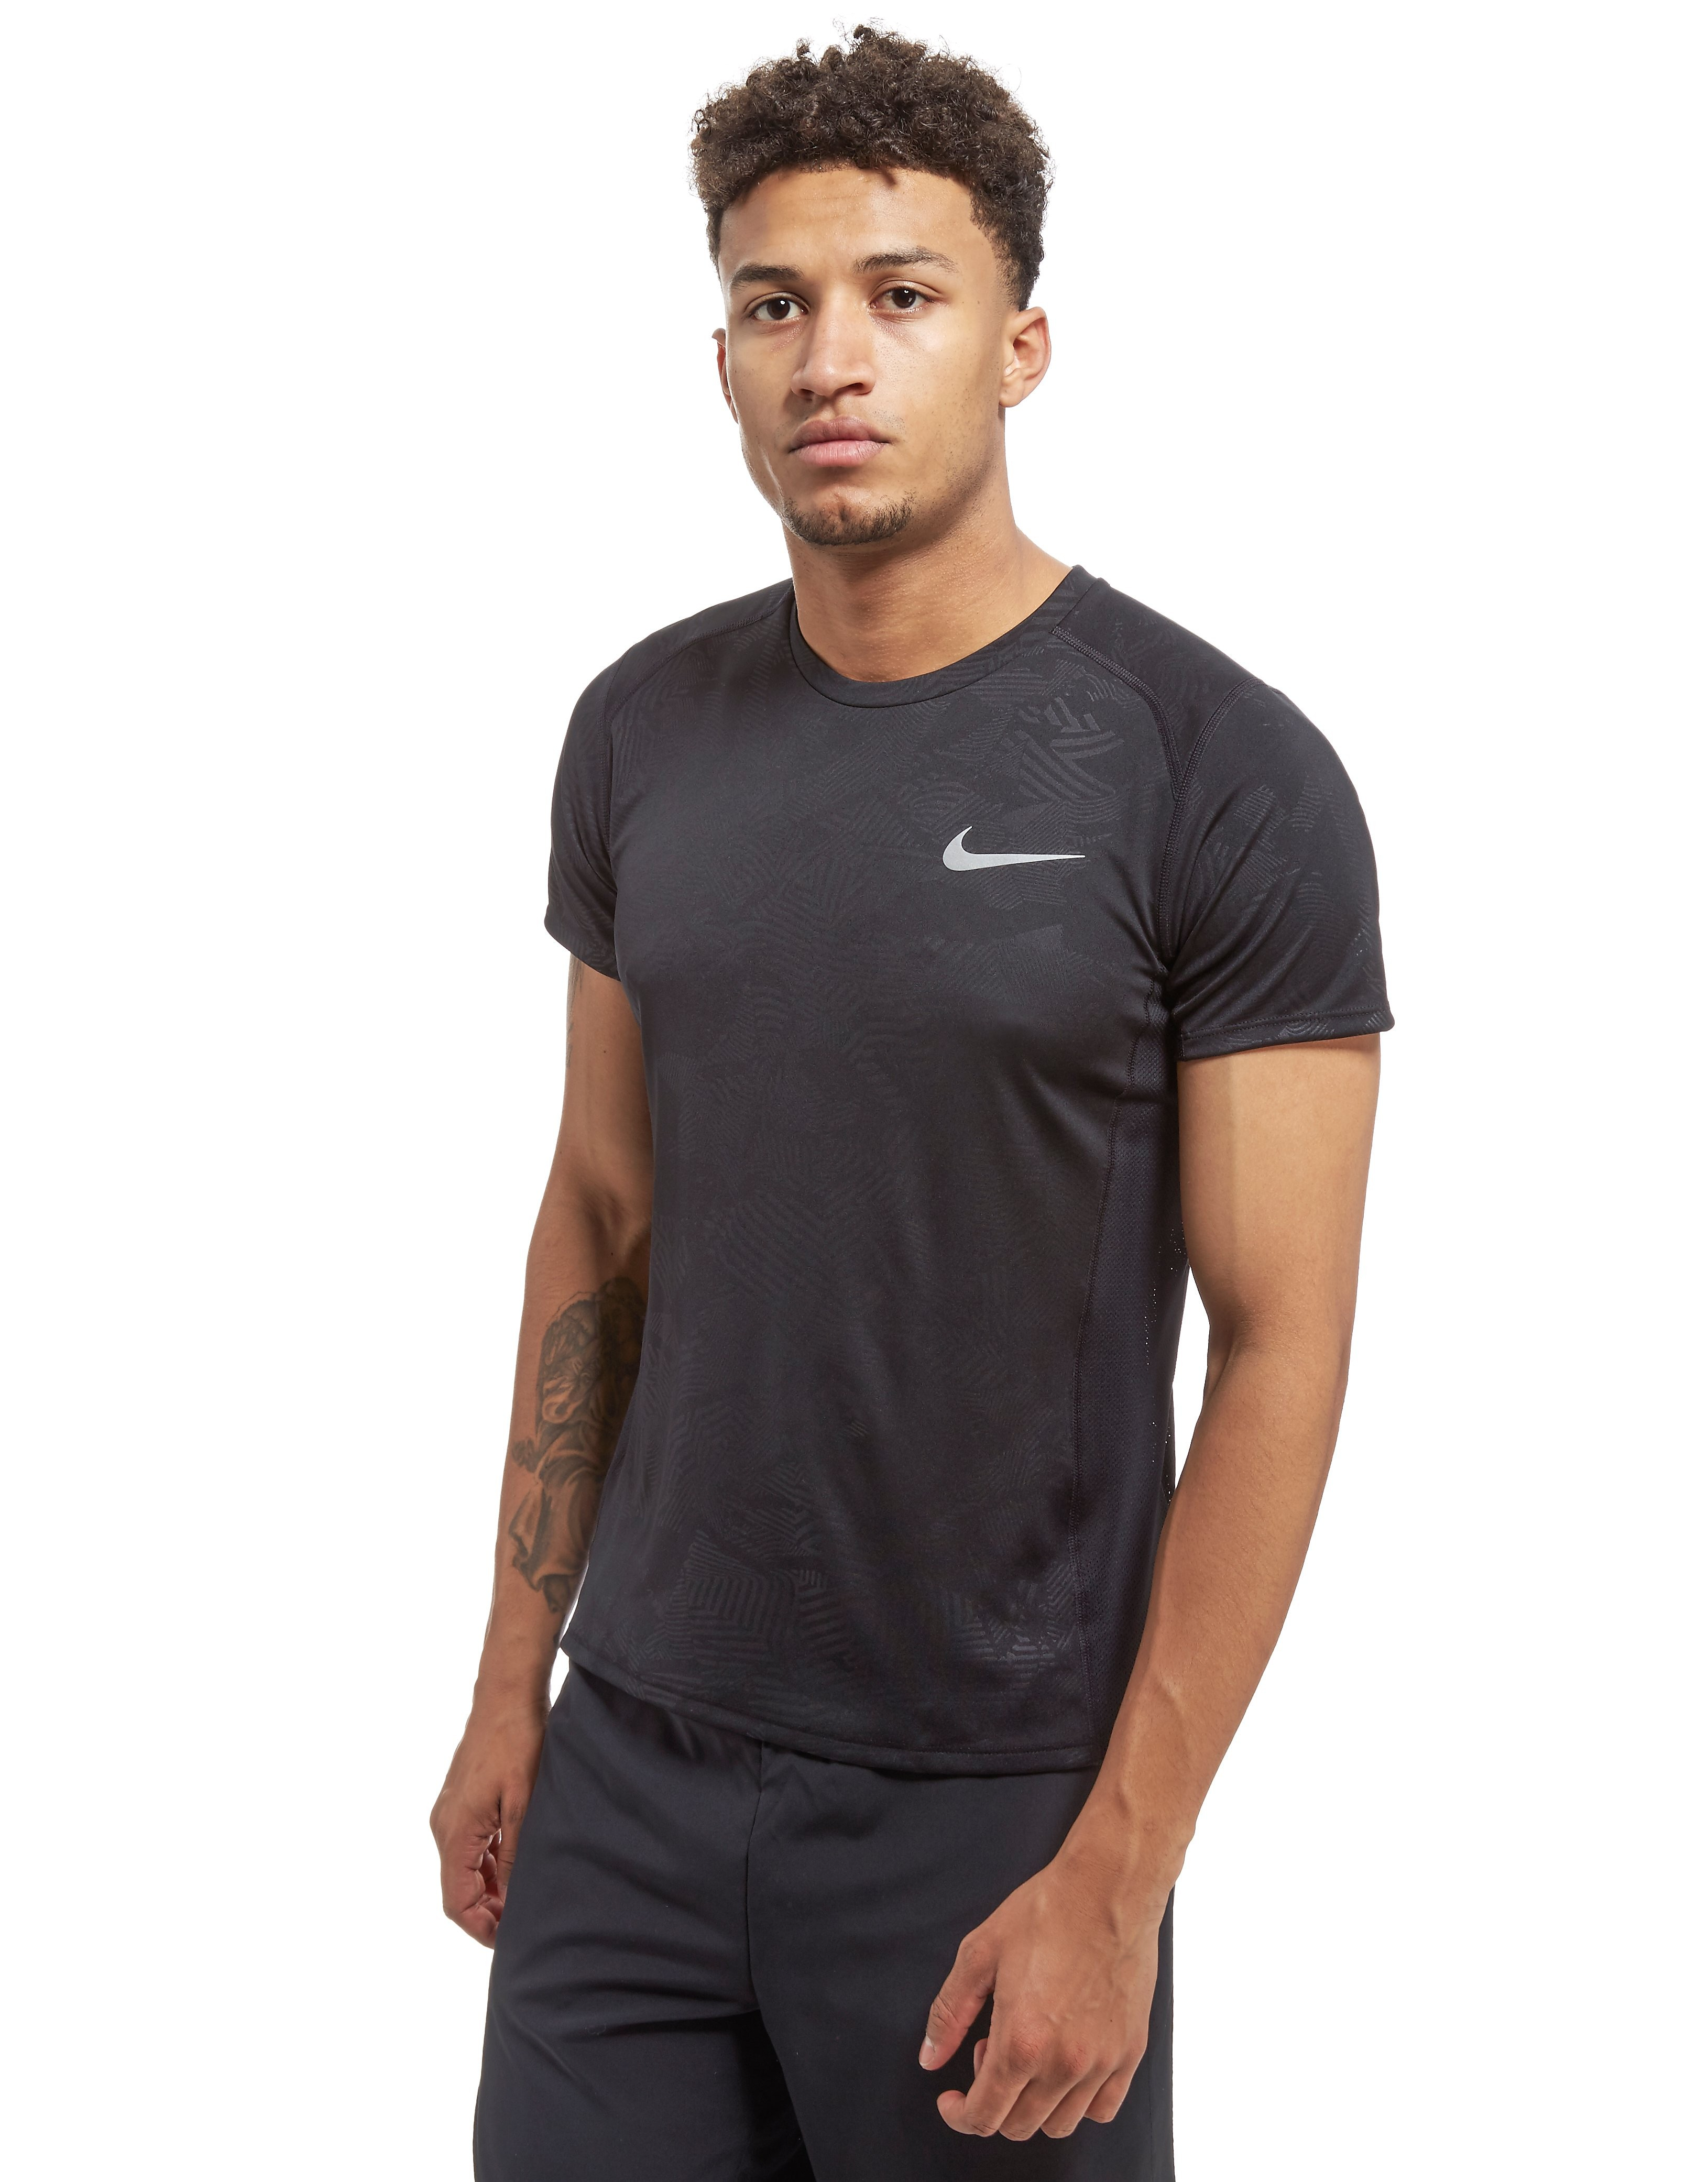 Nike Printed Miler T-Shirt